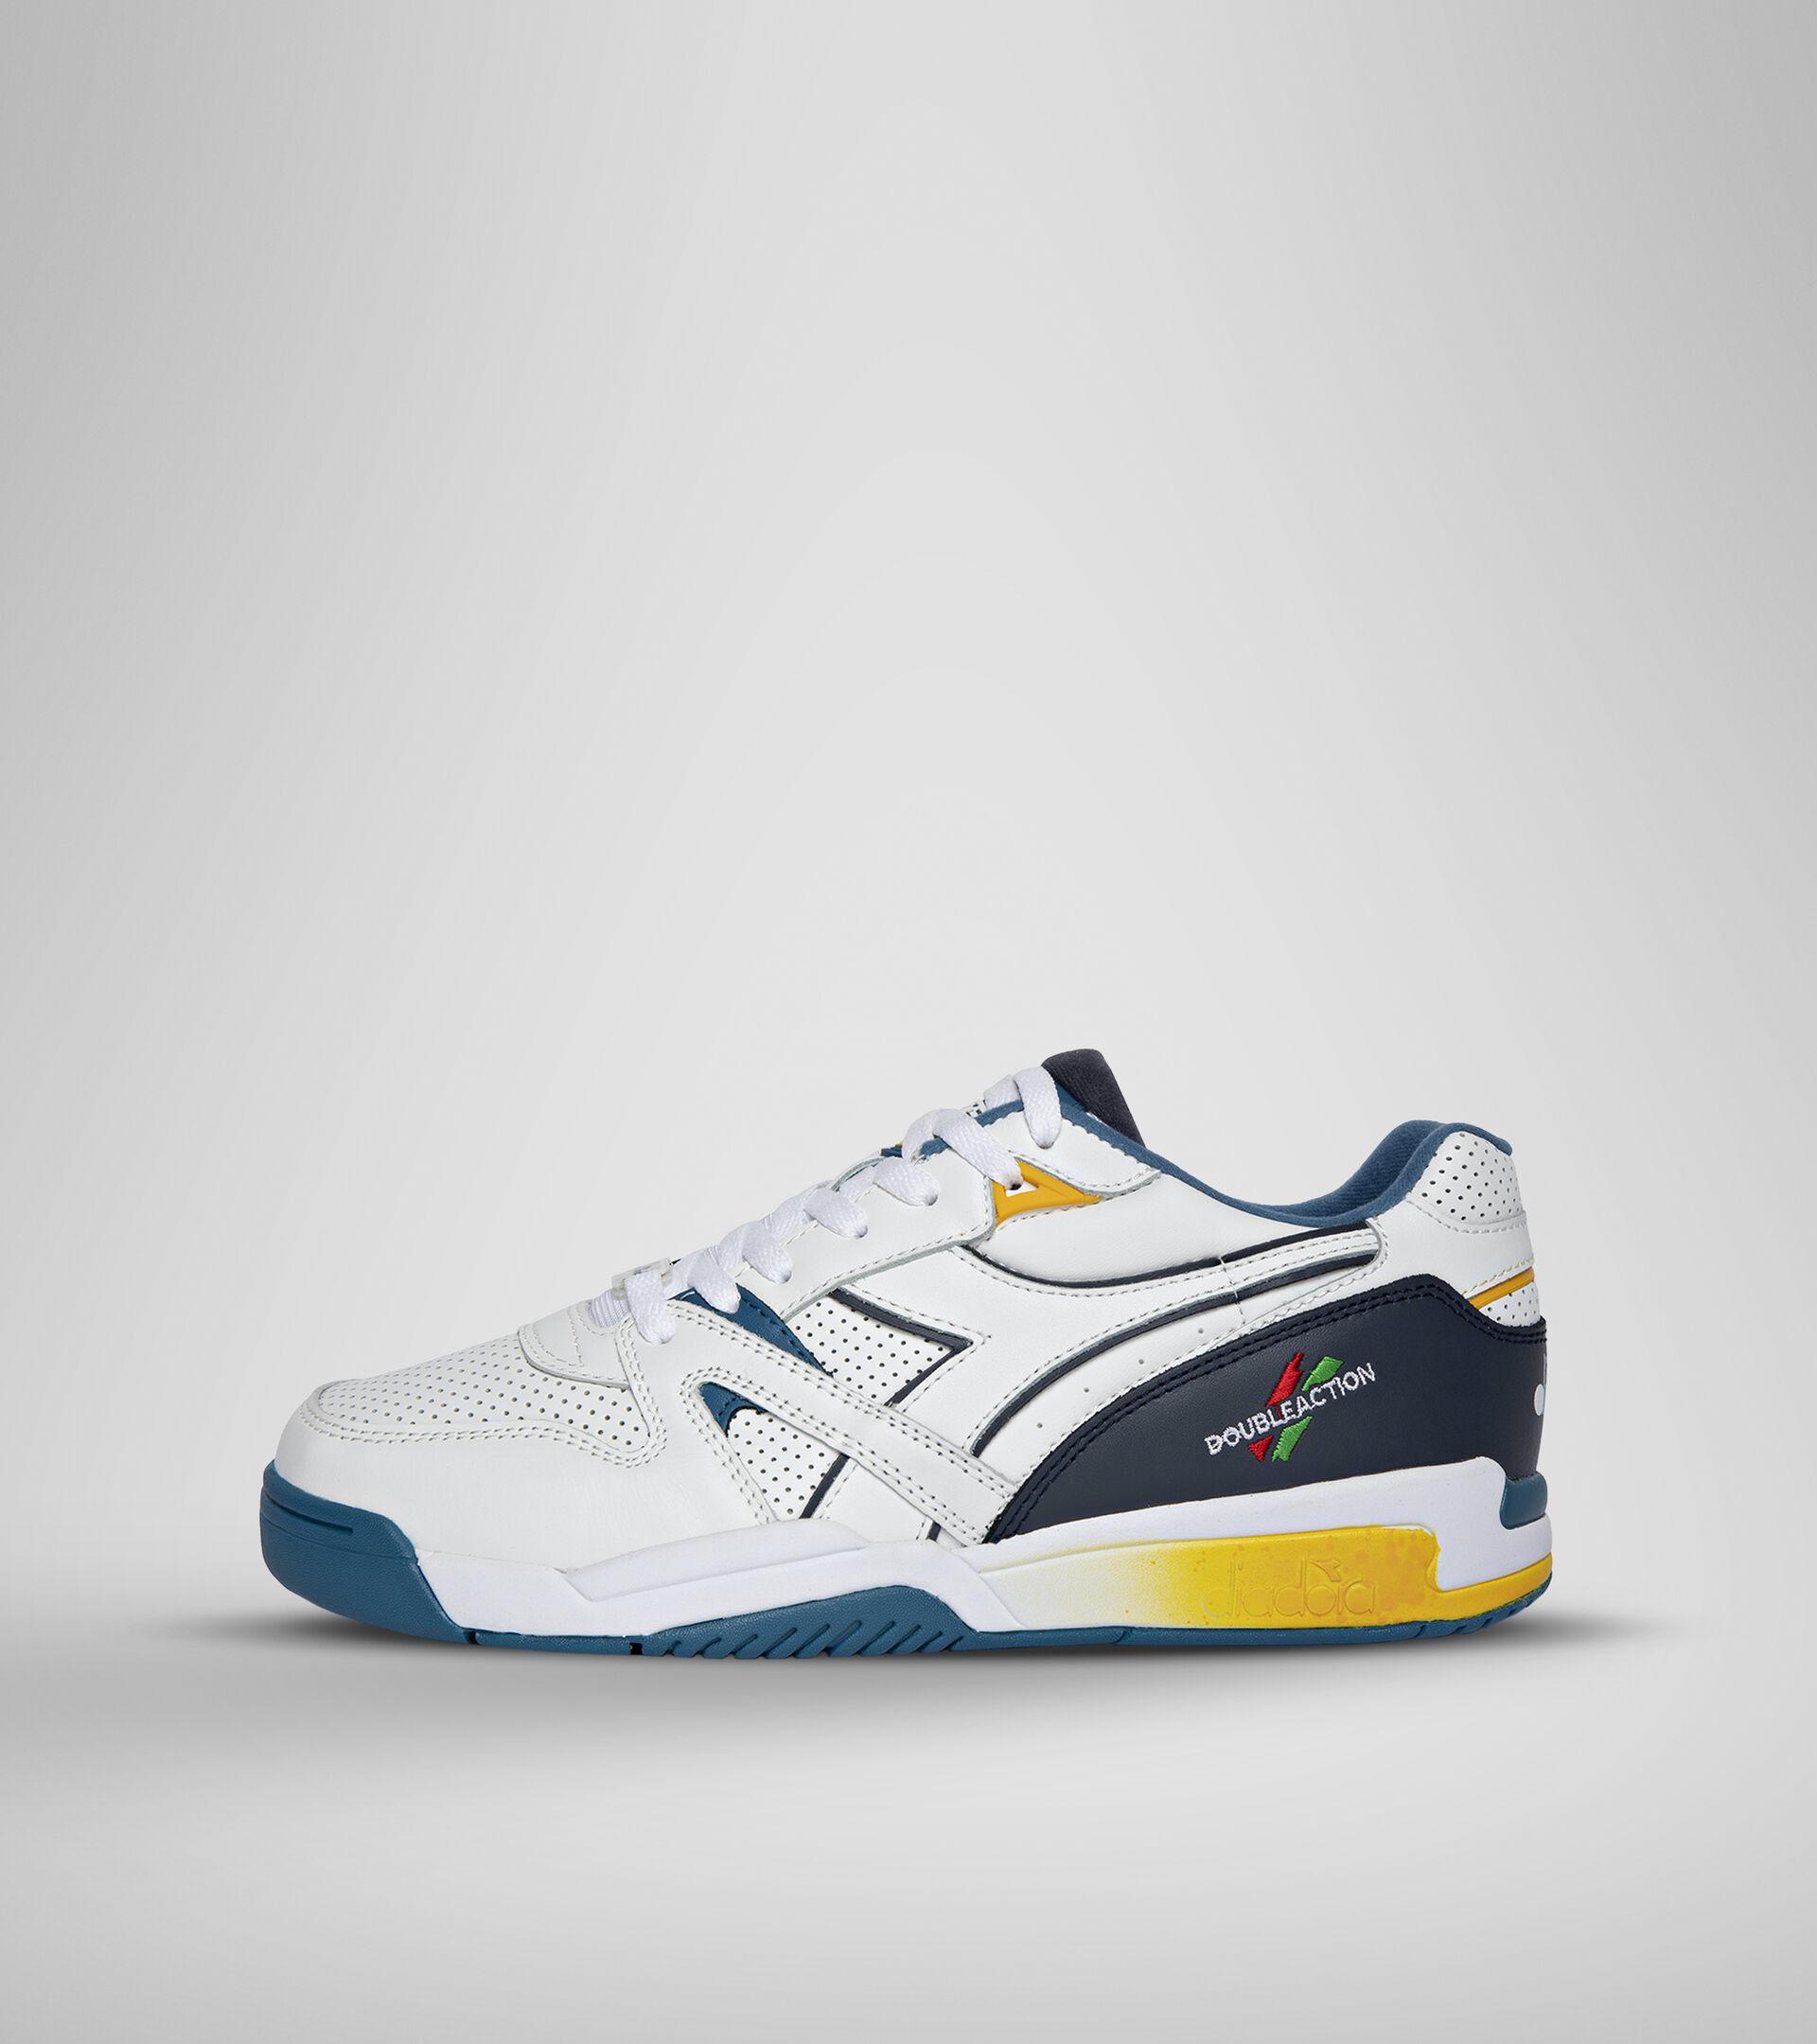 Double Action Technology shoe - Unisex DURATECH ELITE WHITE/BLUE SAPPHIRE - Diadora